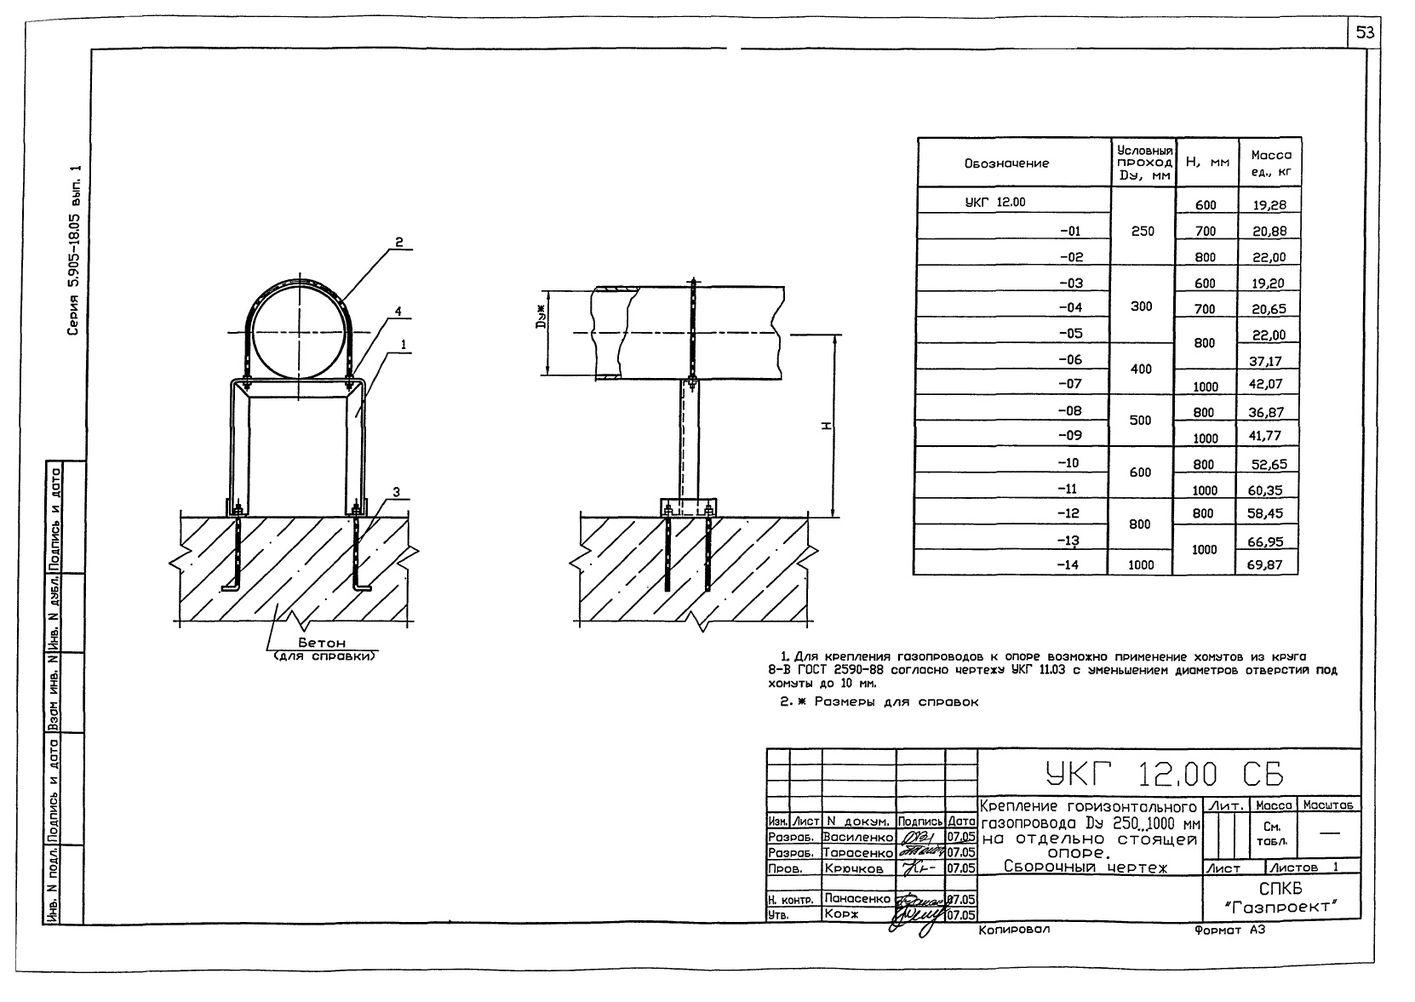 Крепление горизонтального газопровода Ду 250…1000 мм на отдельно стоящей опое УКГ 12.00 СБ серия 5.905-18.05 выпуск 1 стр.1